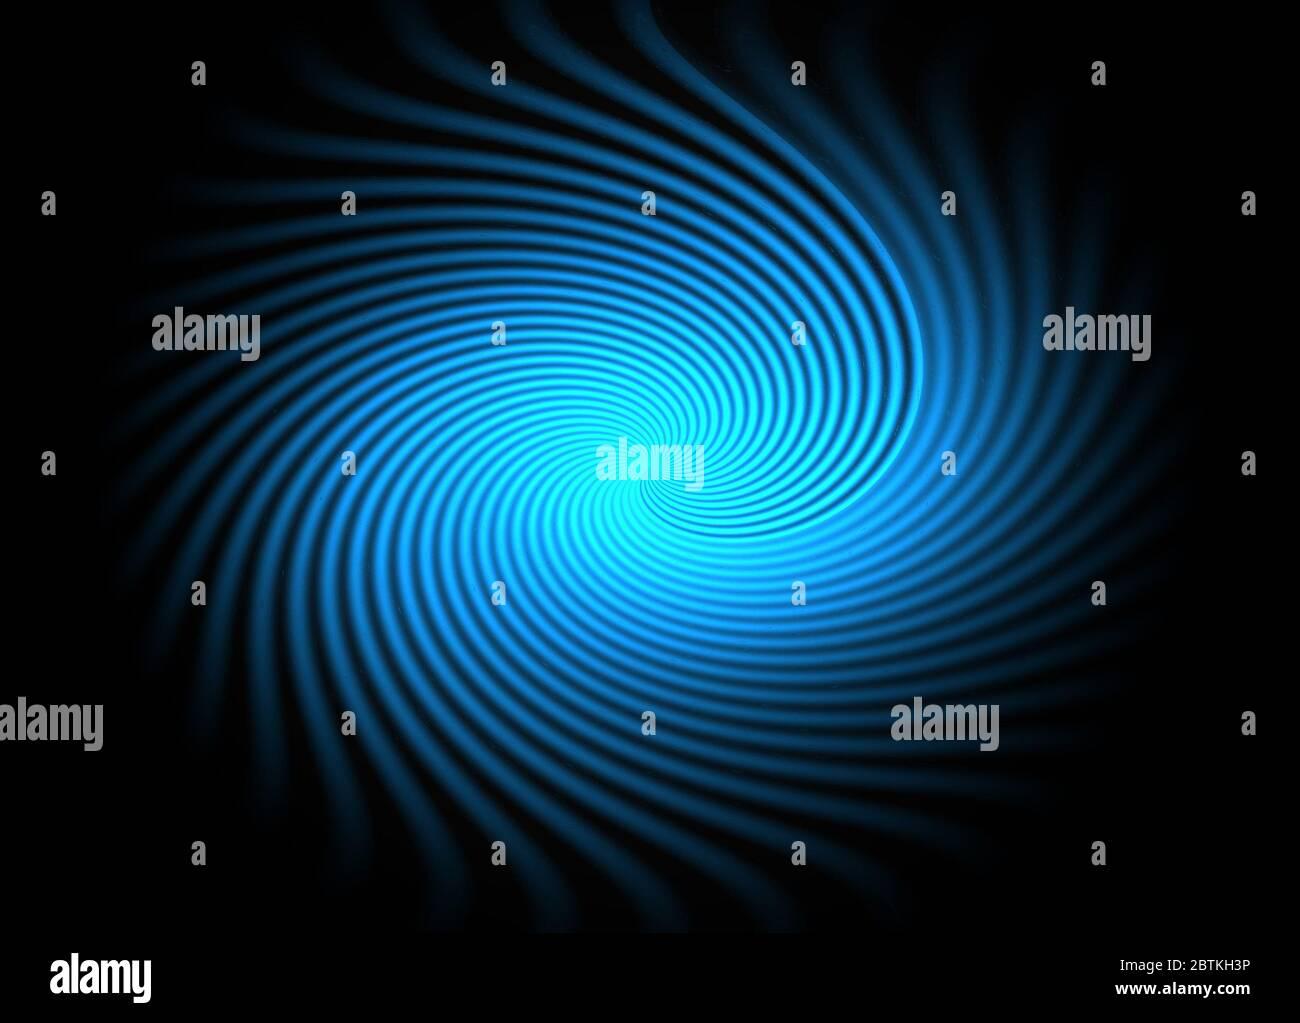 Resumen efecto remolino azul eléctrico brillante sobre fondo negro, concepto de espacio, mar, criaturas, luz, energía, electricidad Foto de stock